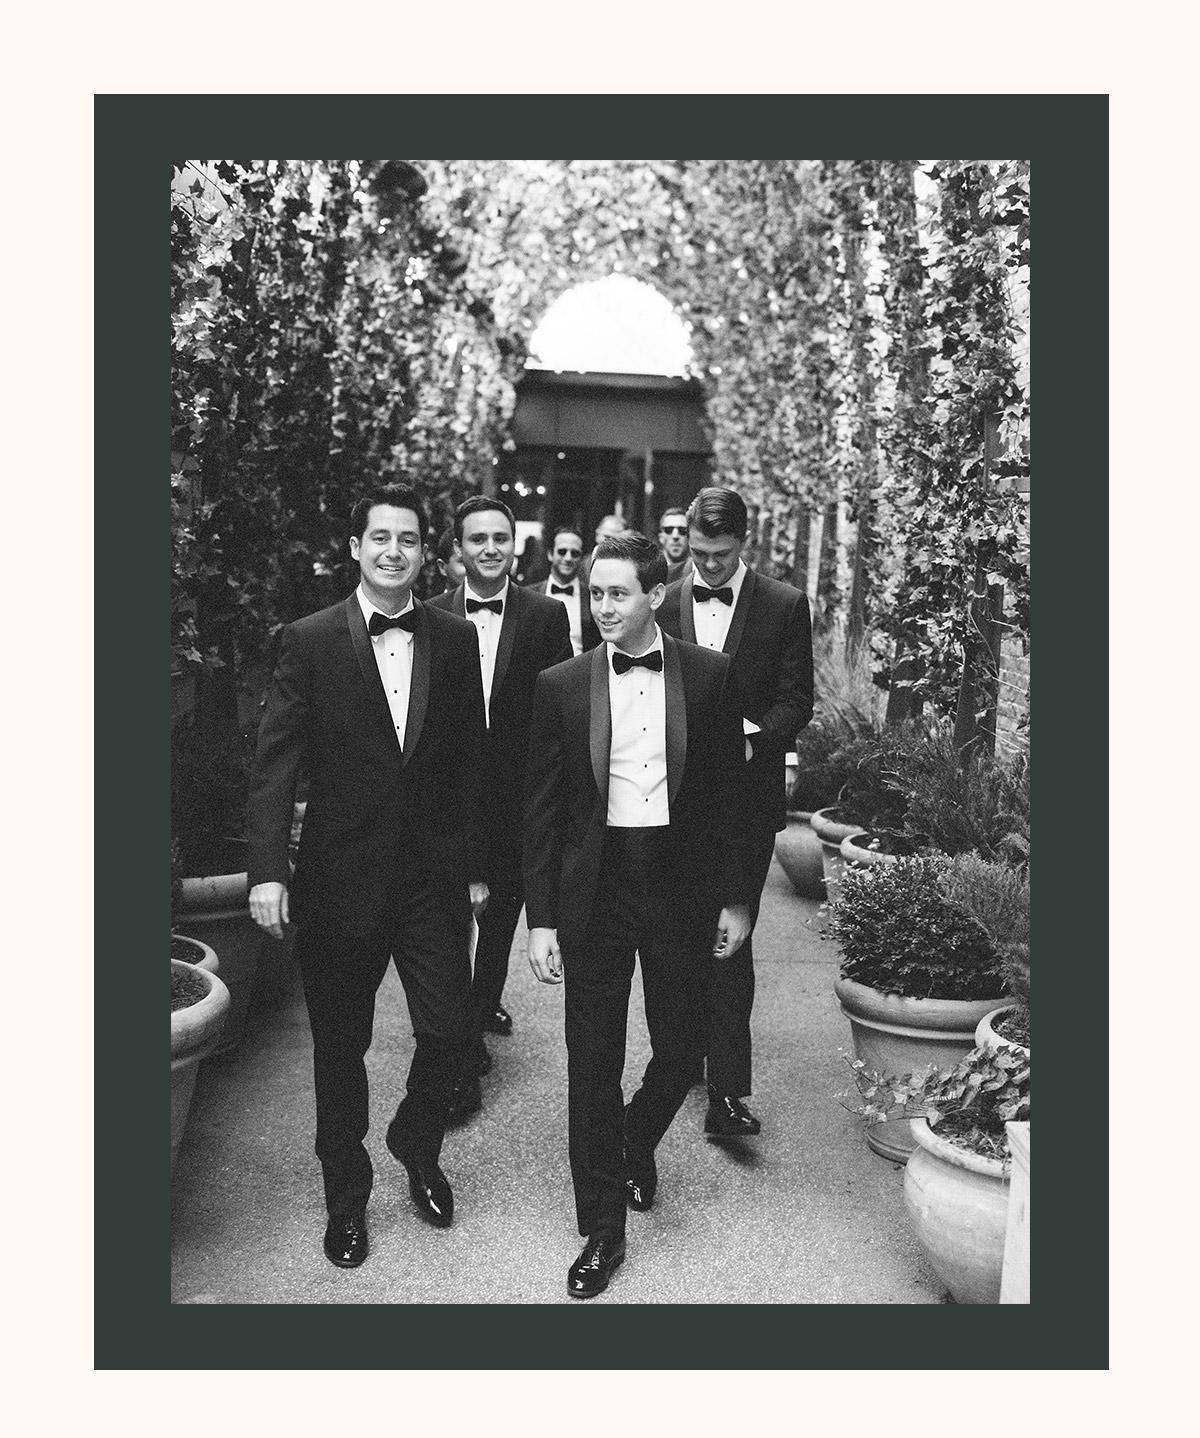 Brooklyn Botanical Gardens Wedding Photographer 05 - BROOKLYN BOTANICAL GARDEN WEDDING PHOTOGRAPHY